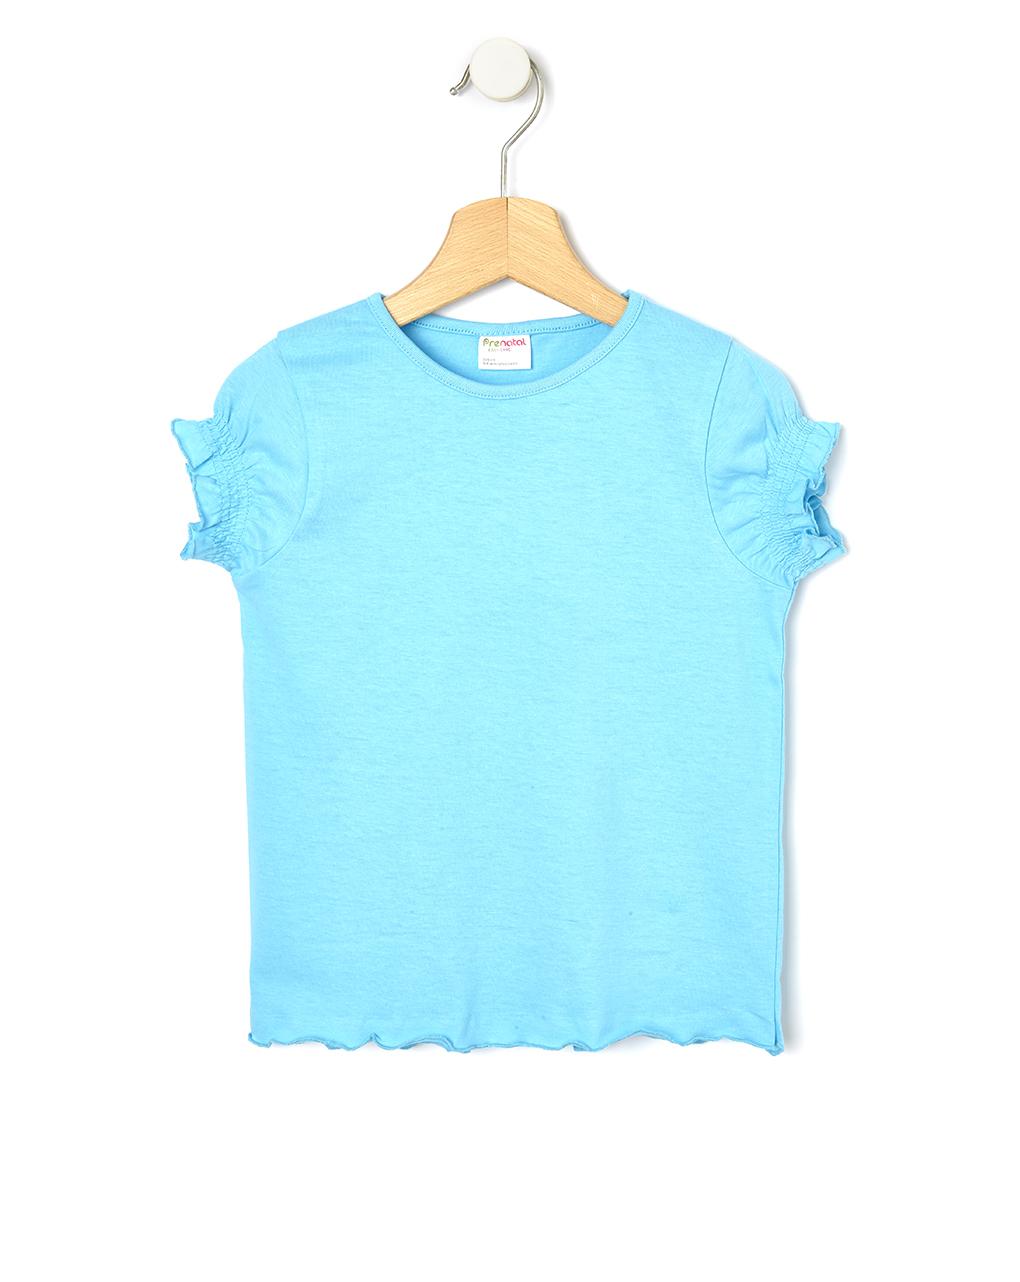 T-Shirt Jersey Basic Γαλάζιο για Κορίτσι